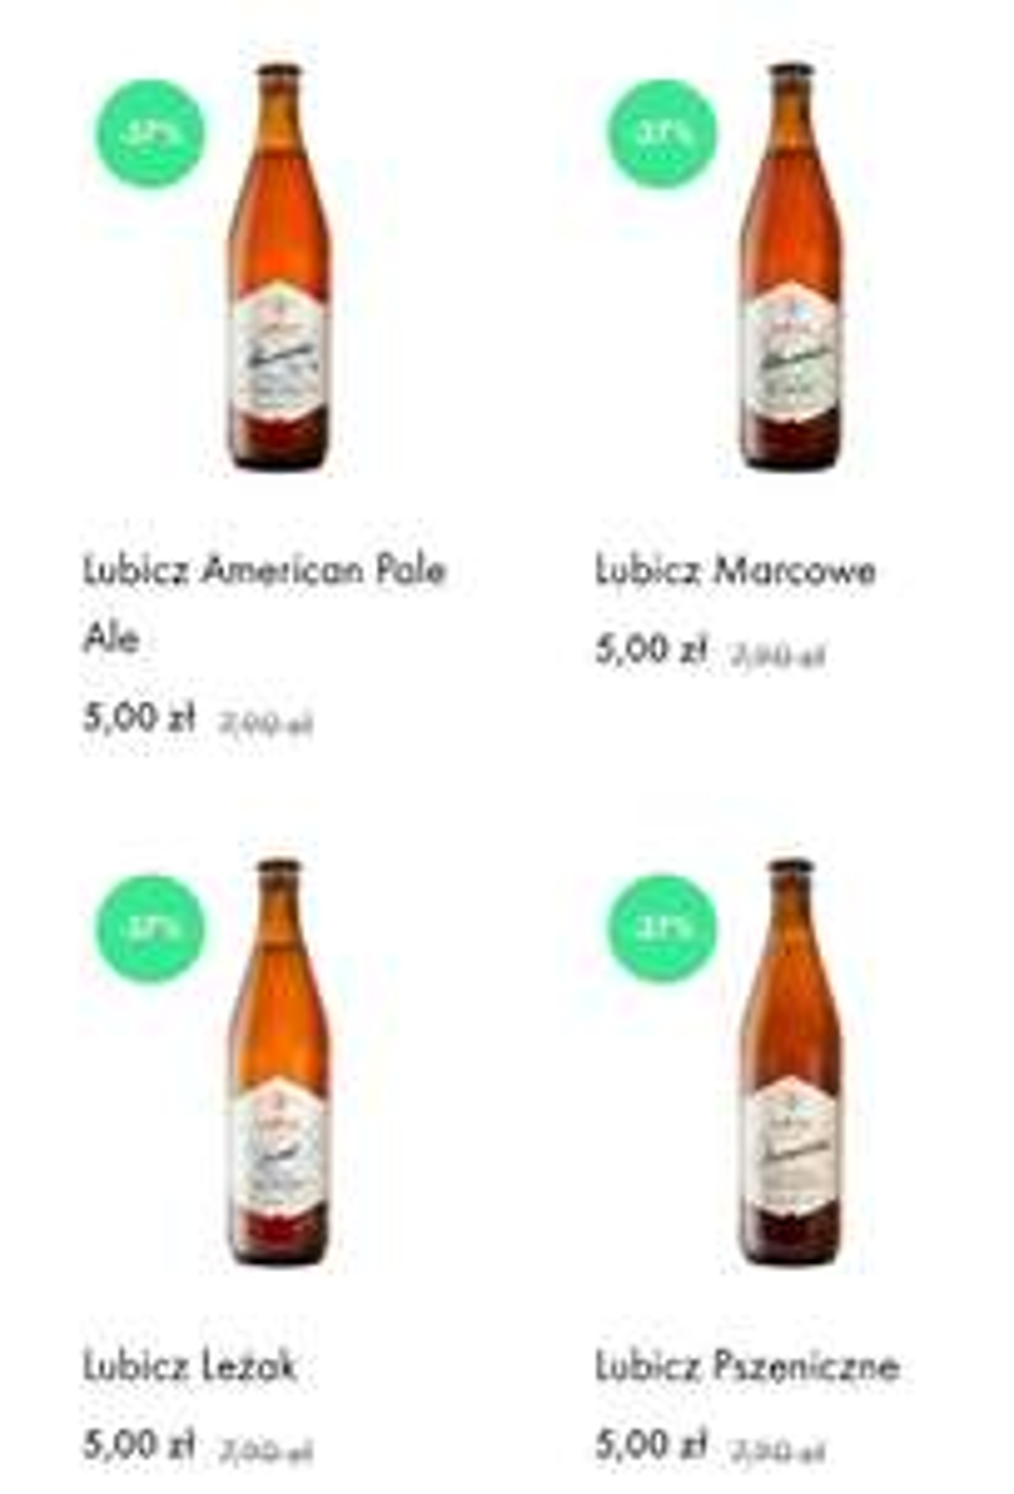 Browar Lubicz piwo Kraft 90 zł za 20 piw (4,50 zł / szt)